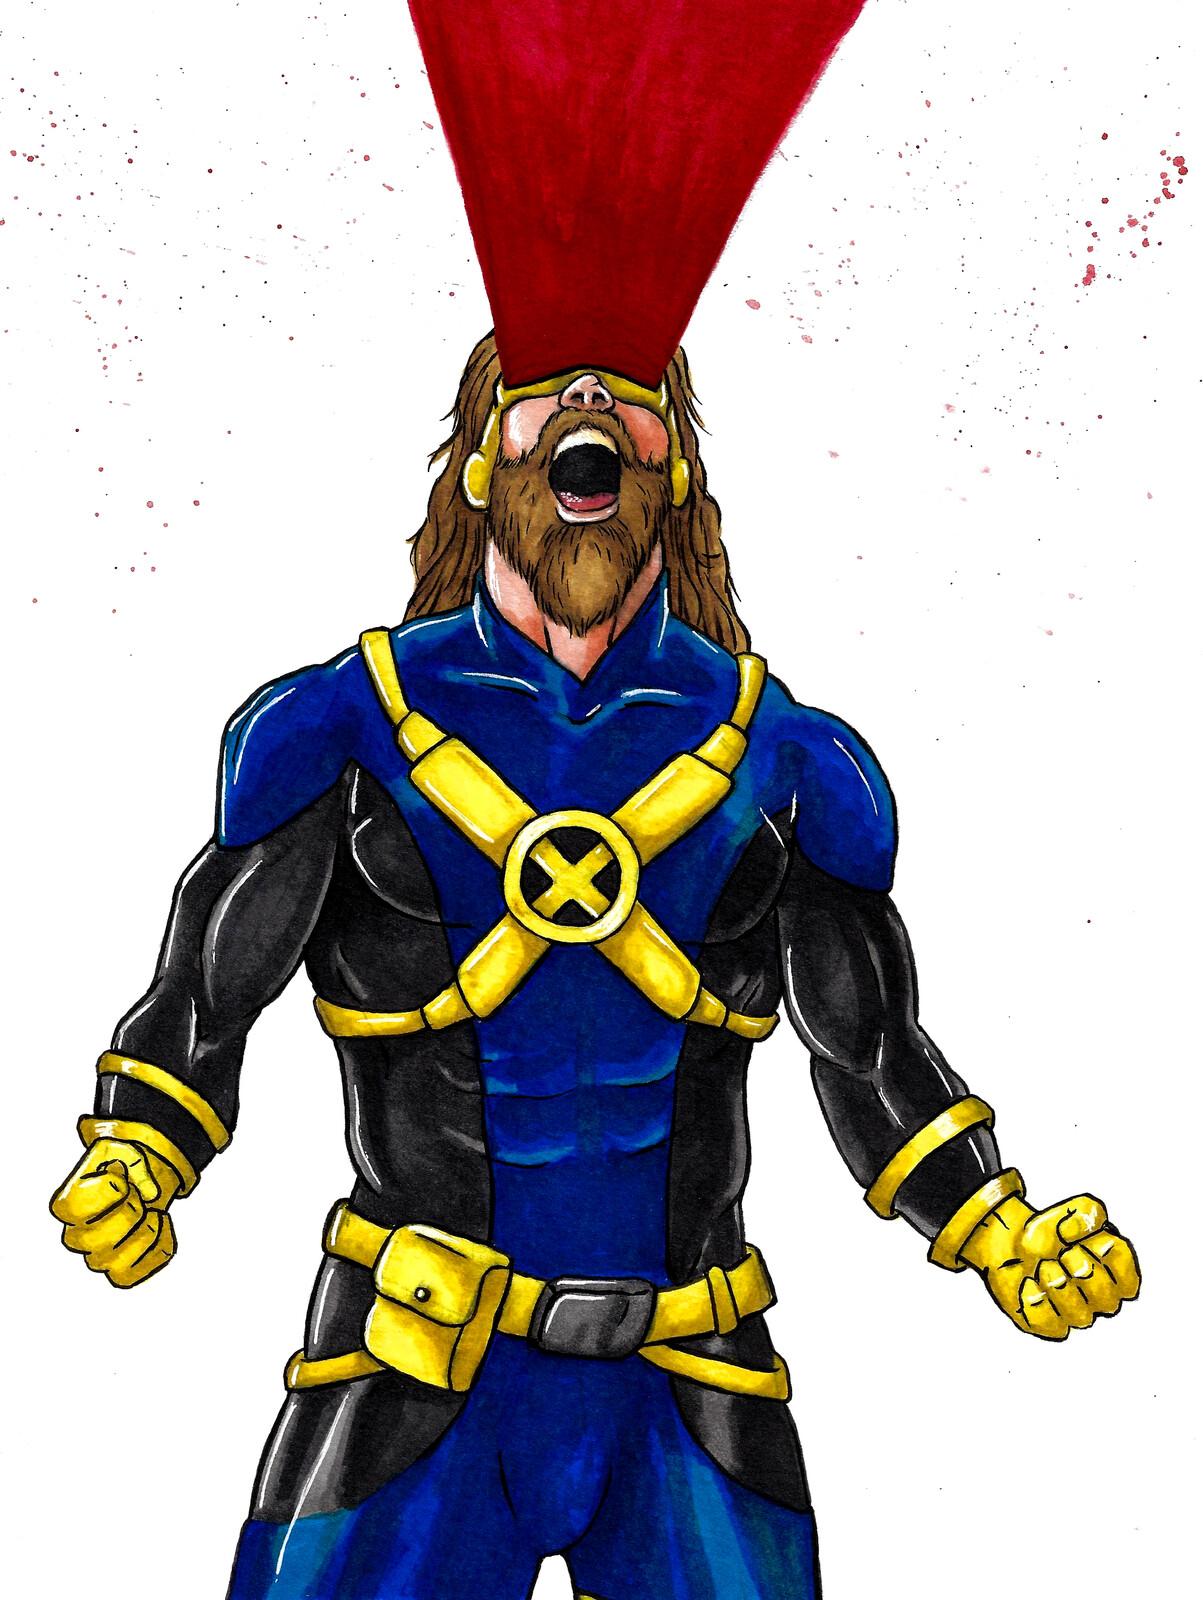 Cyclops, X-men fan art